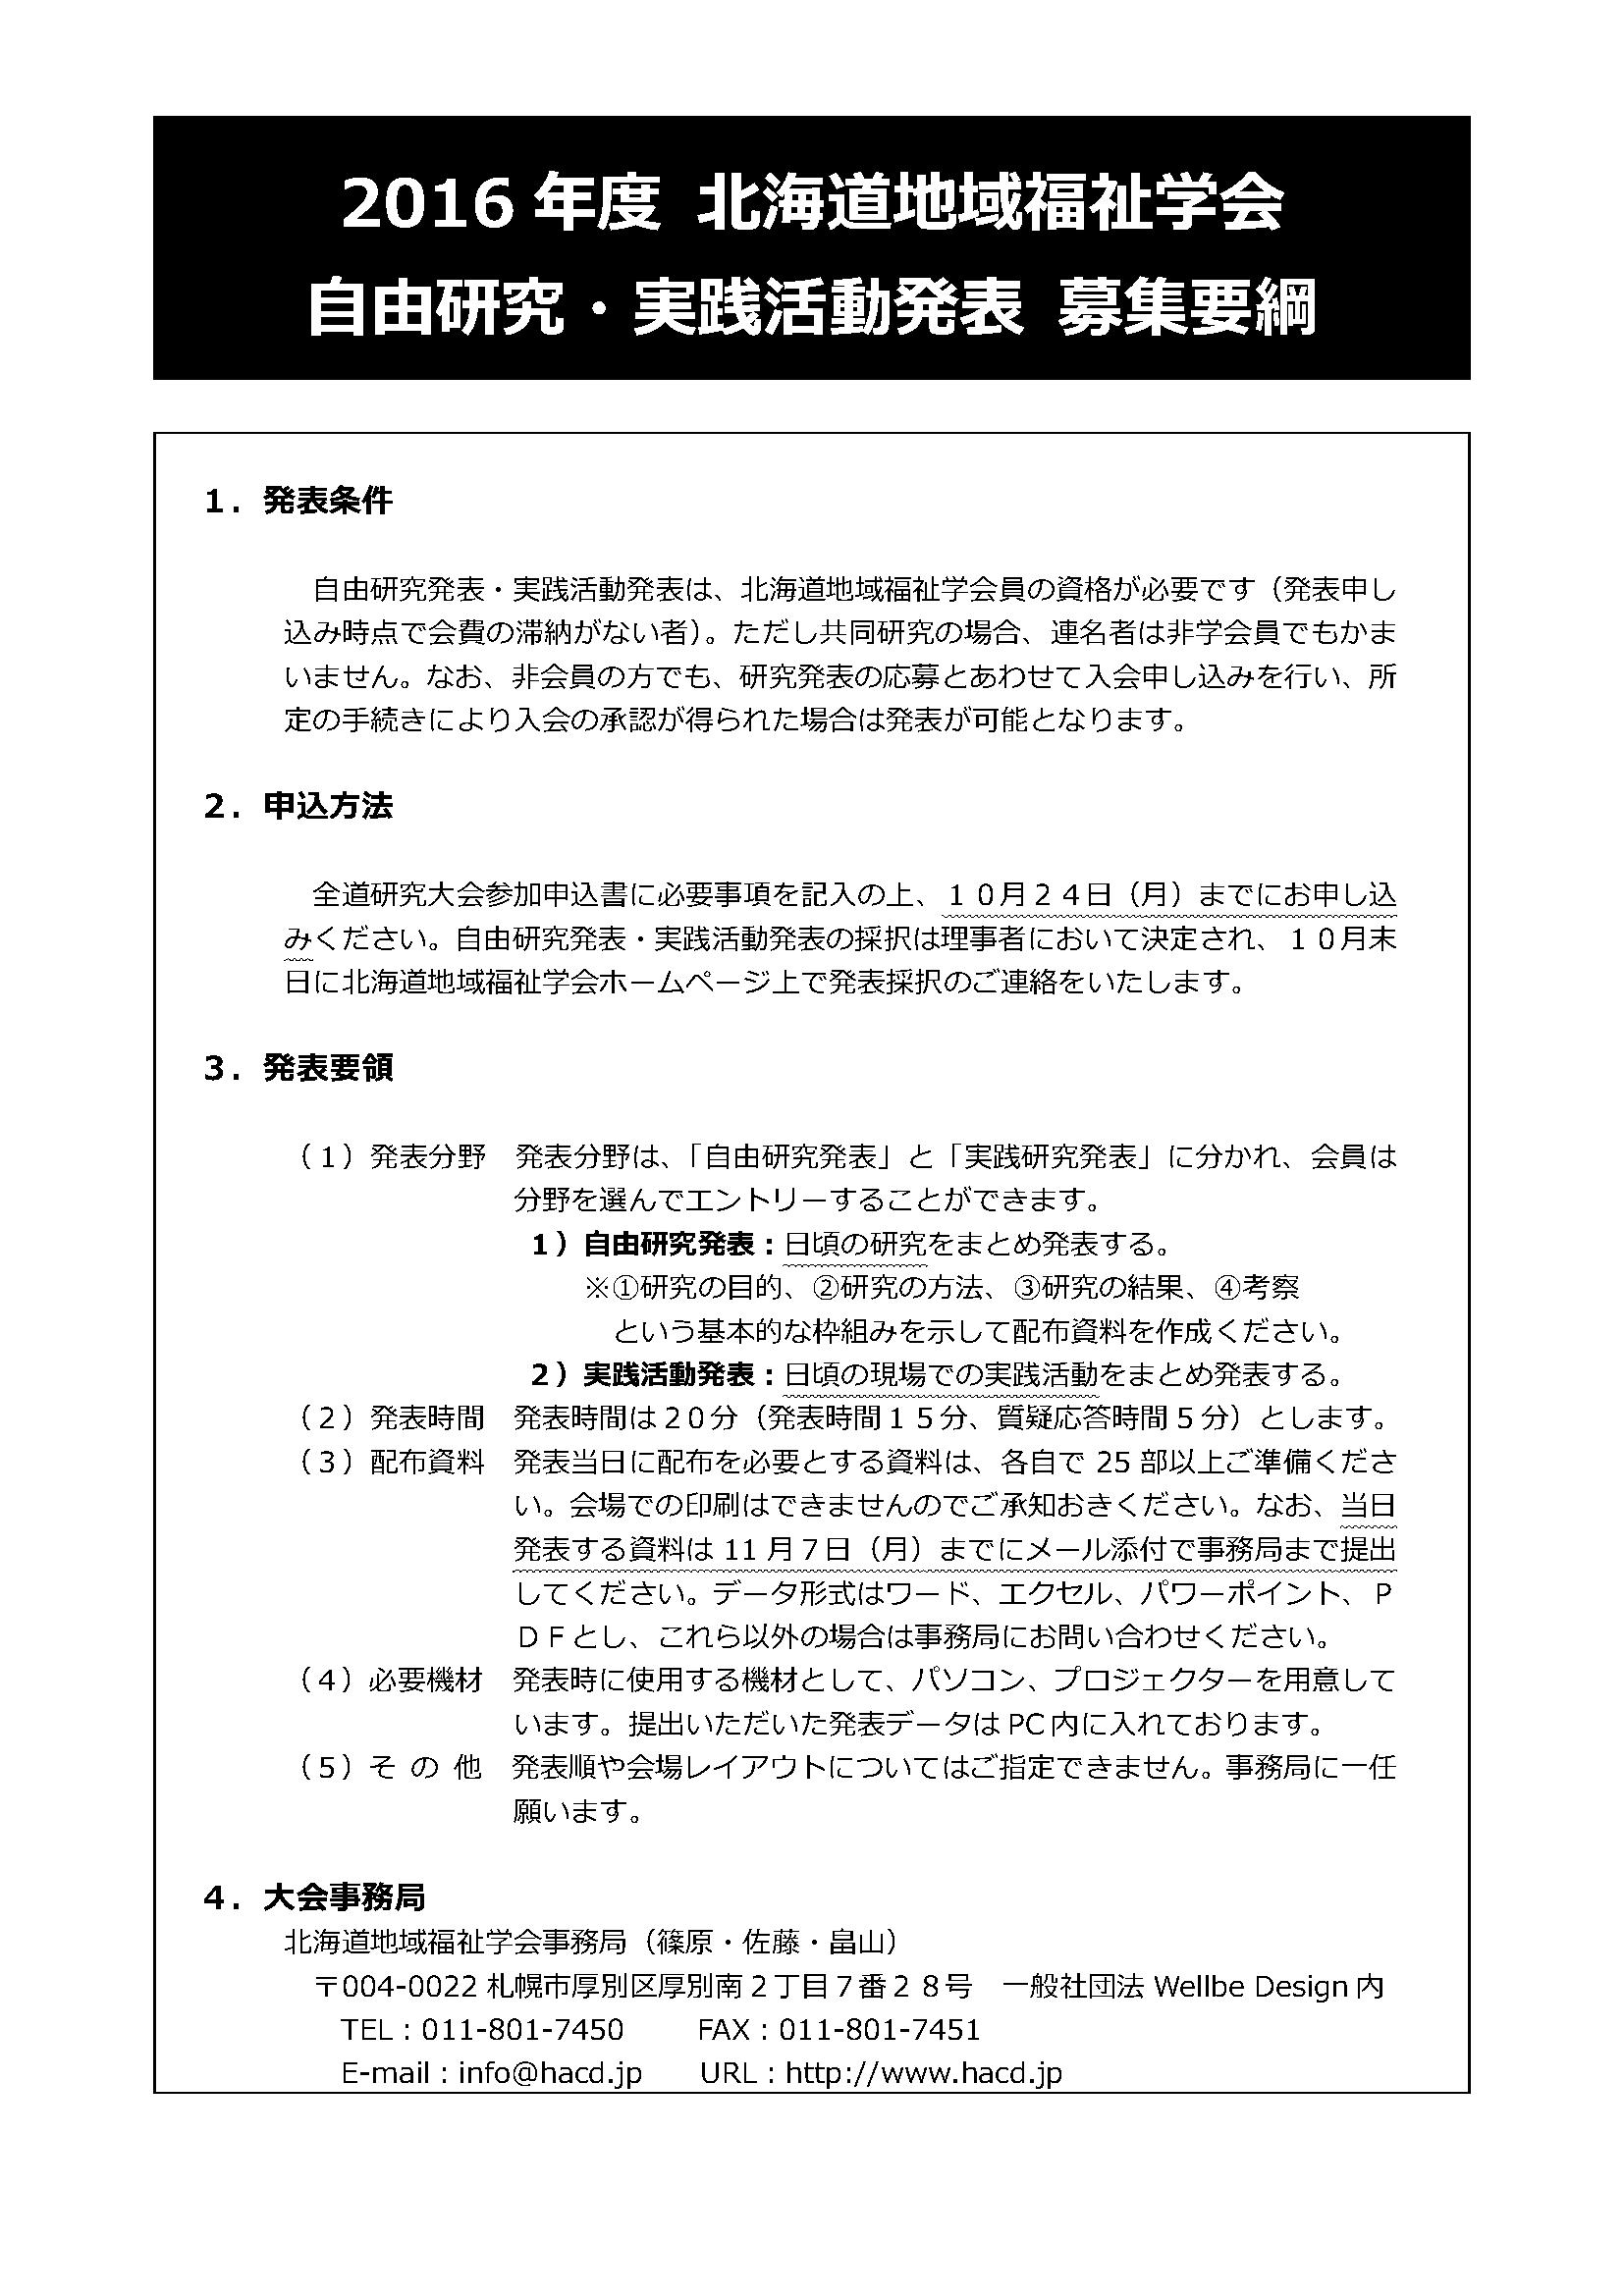 2016youkou-2